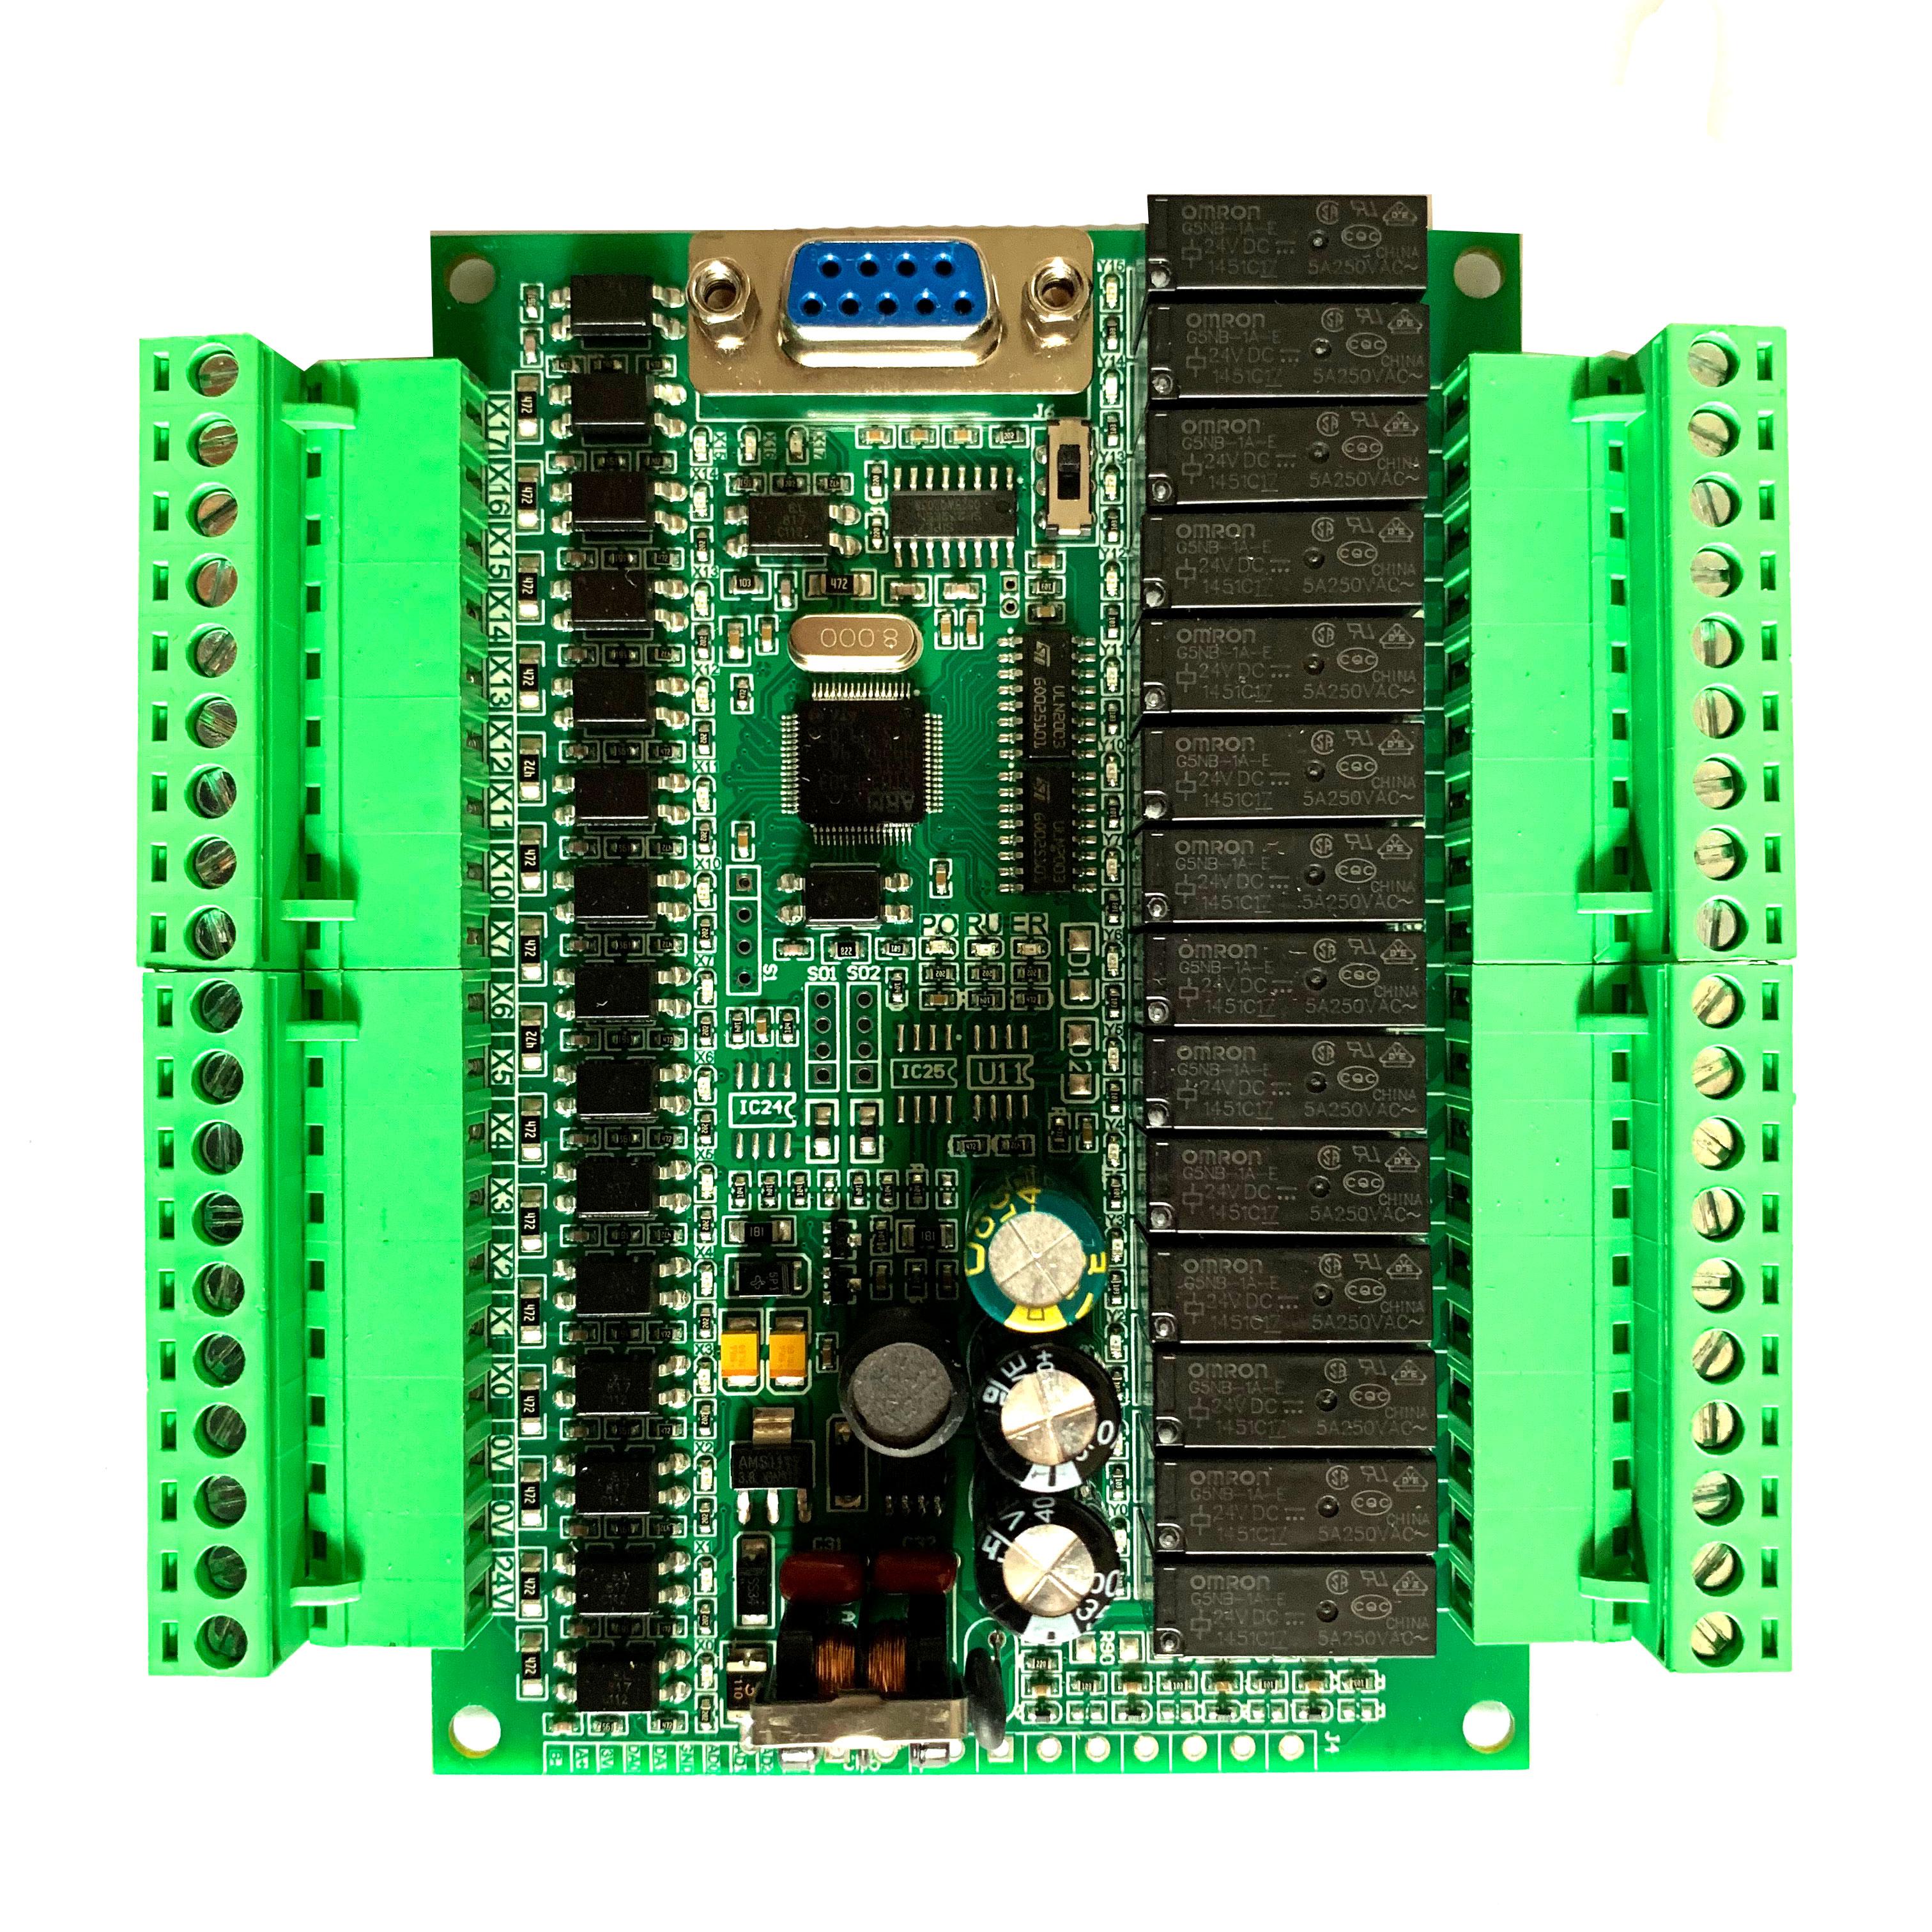 Plc وحدة تحكم منطقية قابلة للبرمجة لوحة واحدة plc FX2N 30MR مراقب على الانترنت plc ، STM32 MCU 16 المدخلات 14 الإخراج